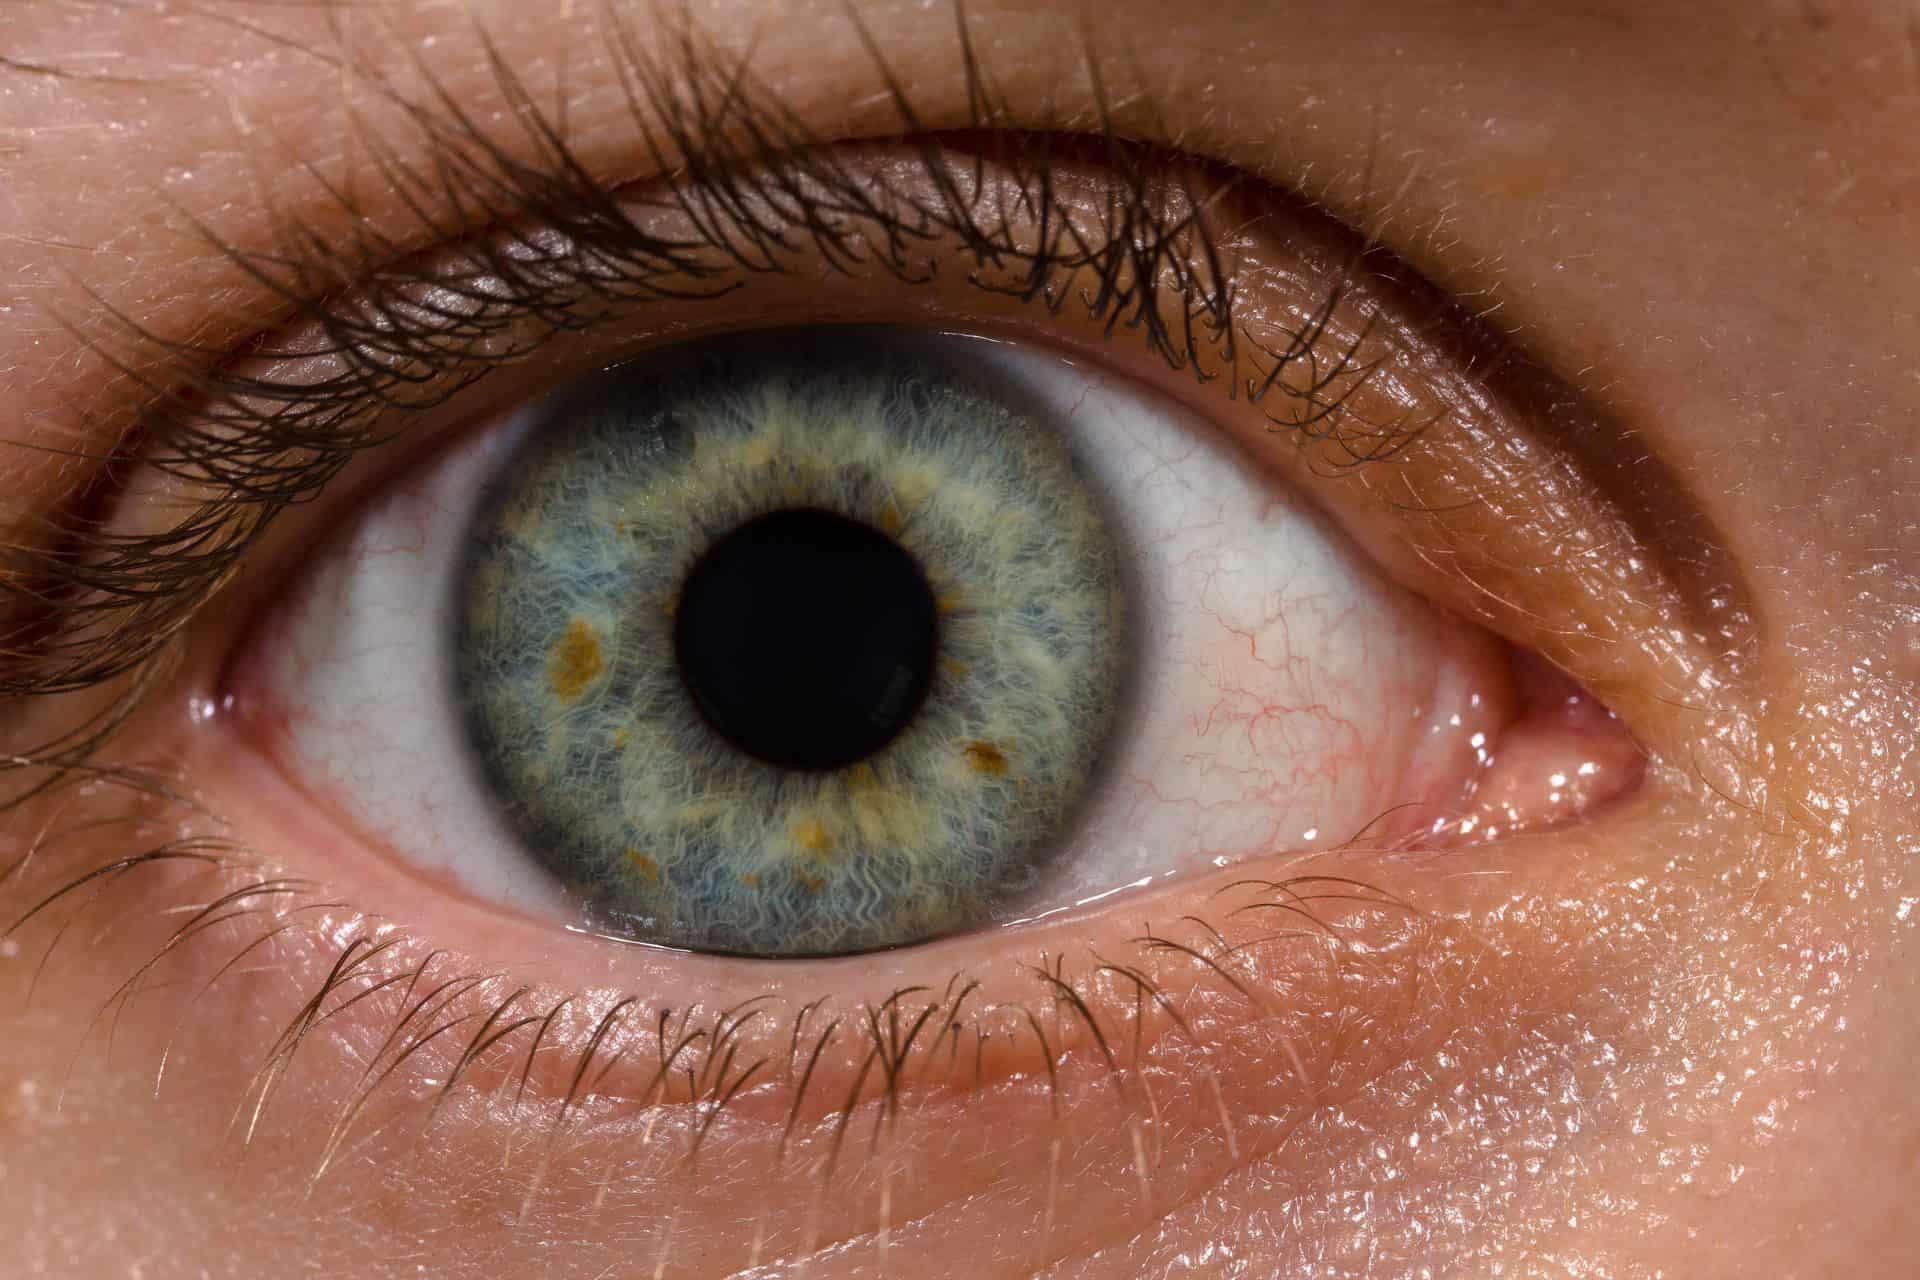 porque tengo un punto negro en el ojo